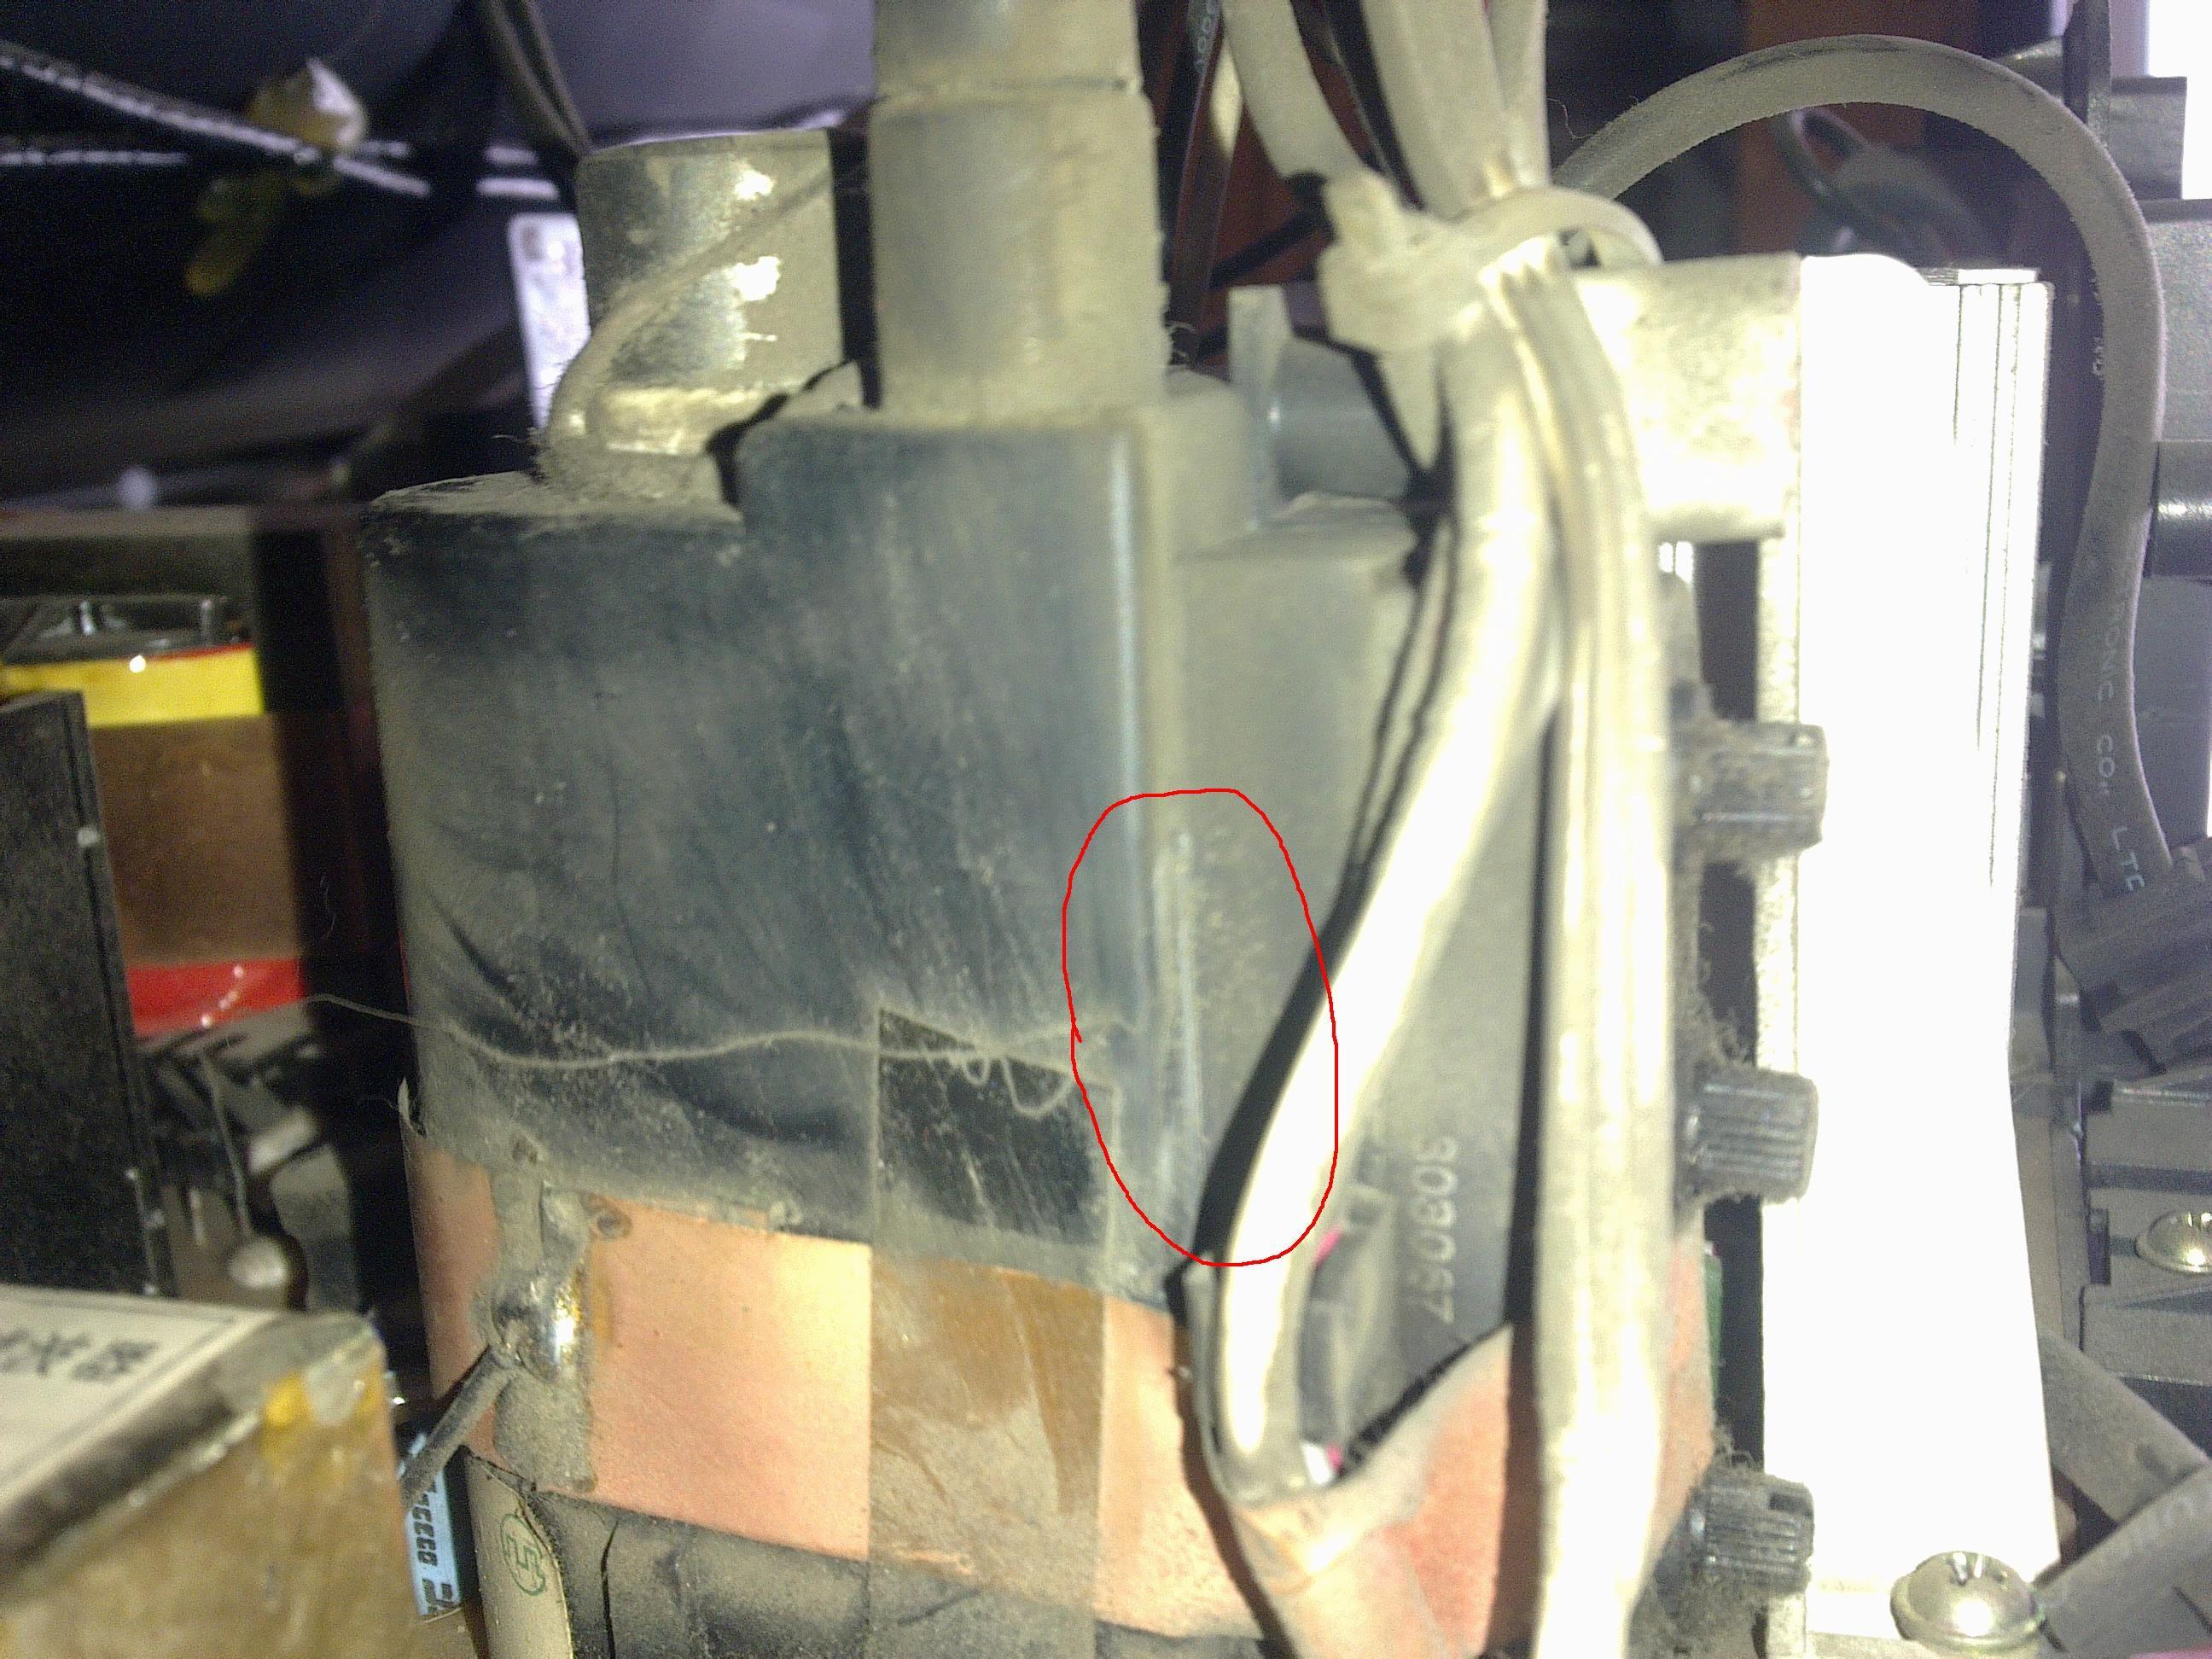 厦华s2955电视机高压包漏电了高清图片